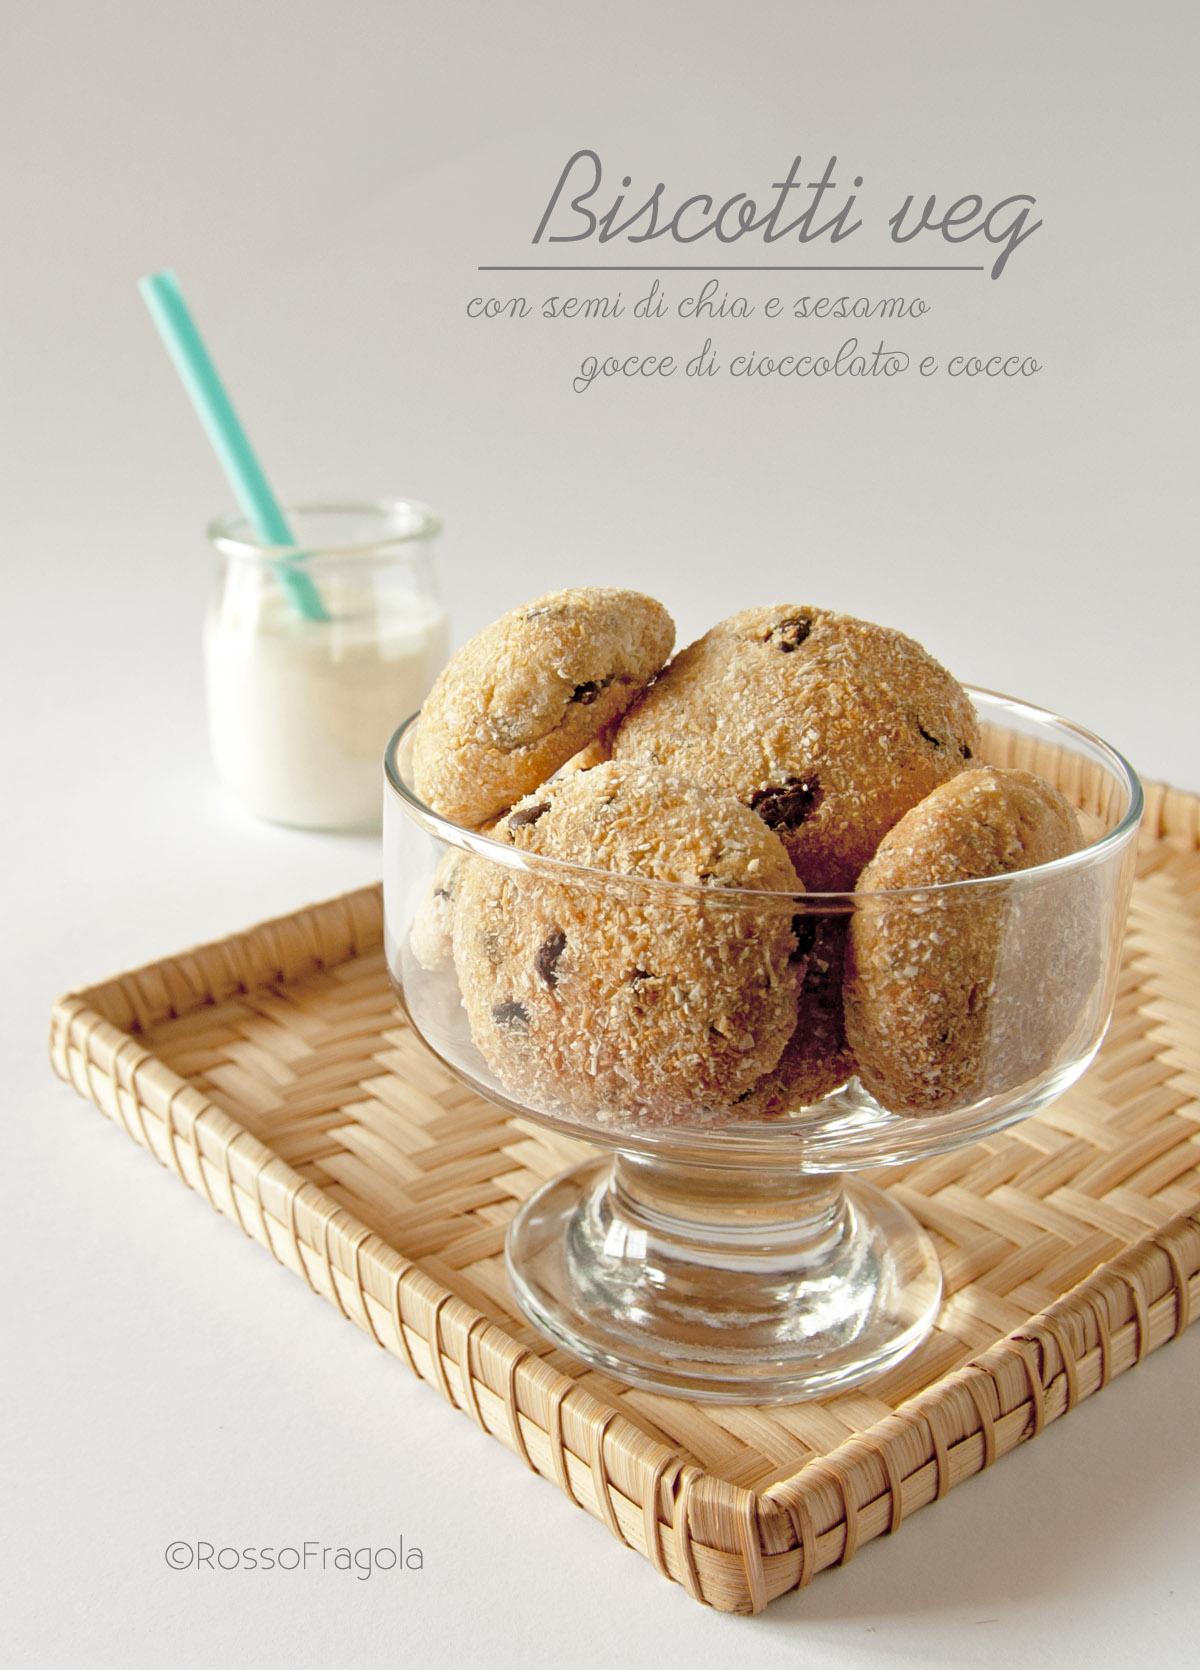 biscotti veg con semi di chia